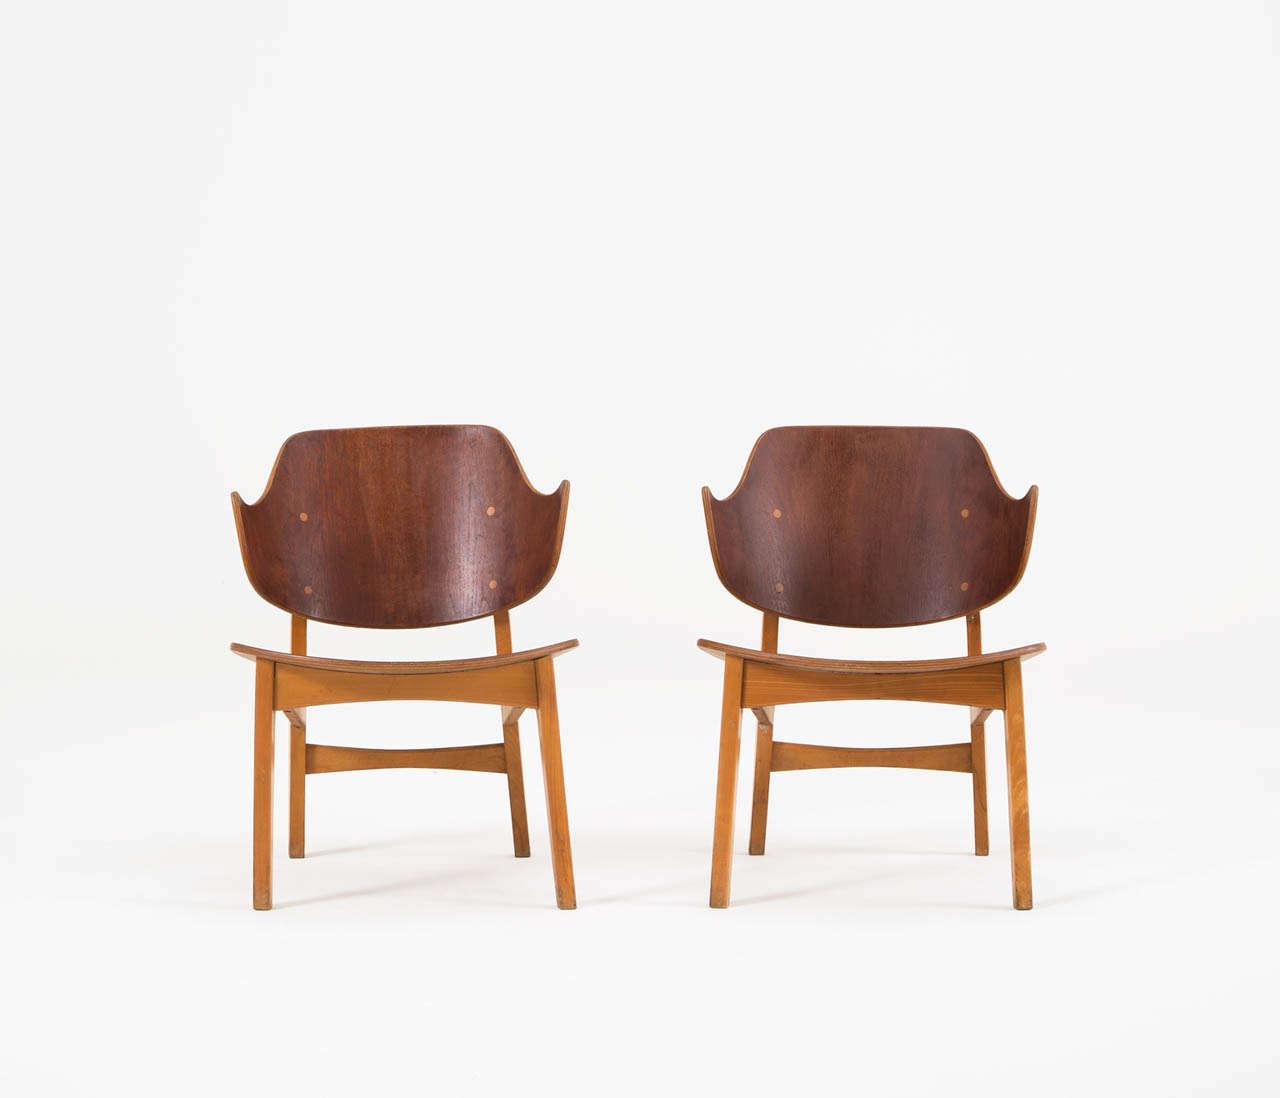 Scandinavian Modern Pair of Plywood Lounge Chairs by Ib Kofod-Larsen